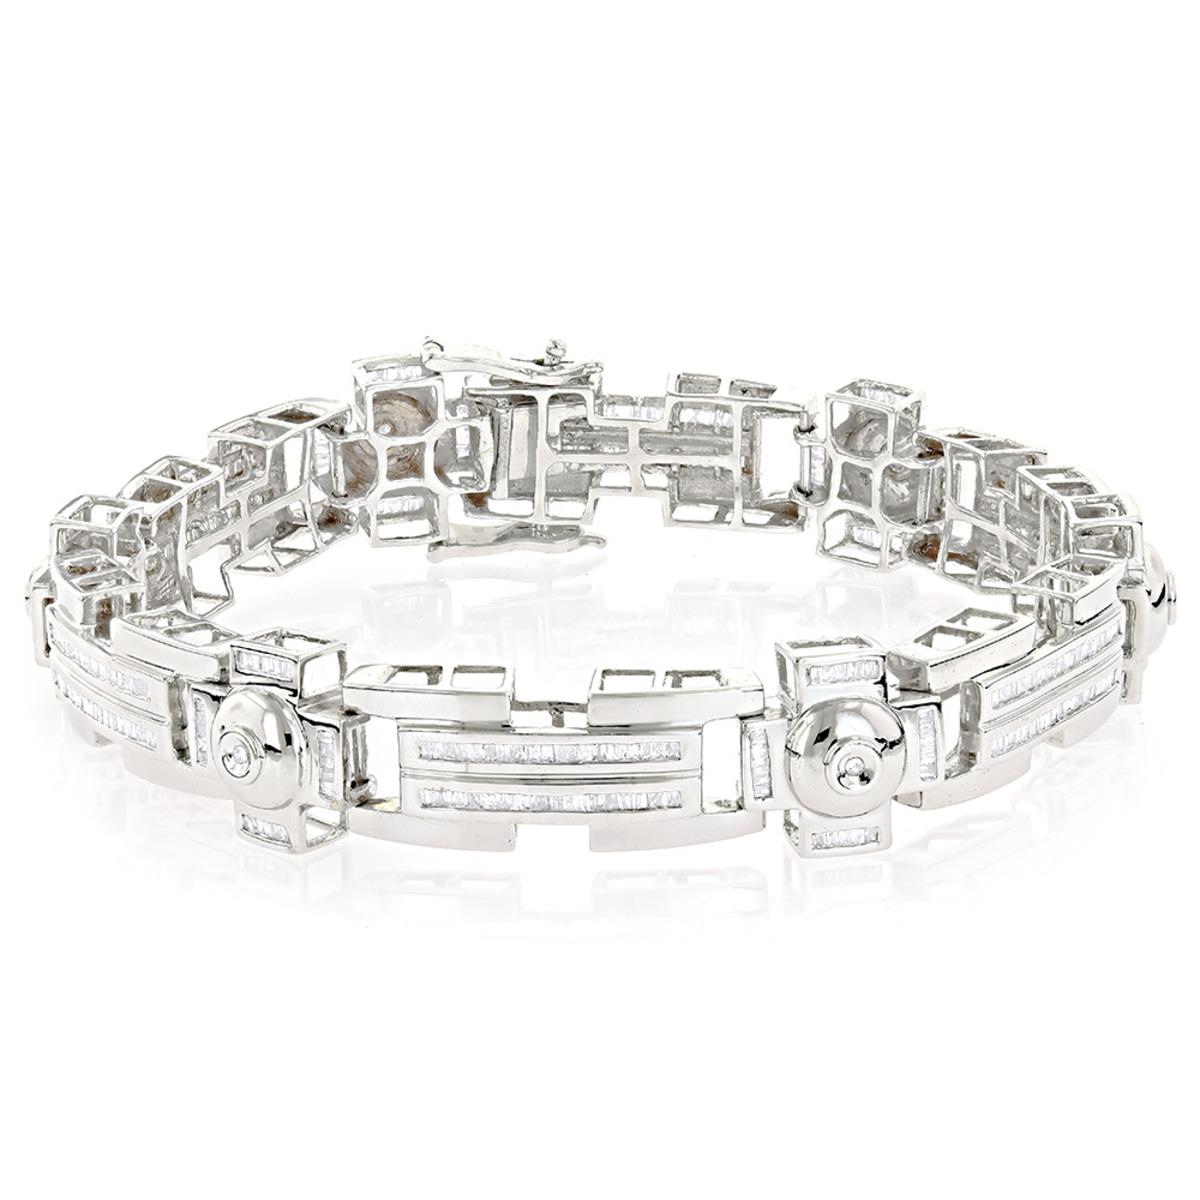 14K Gold Unique Diamond Bracelet For Men 4.5ct